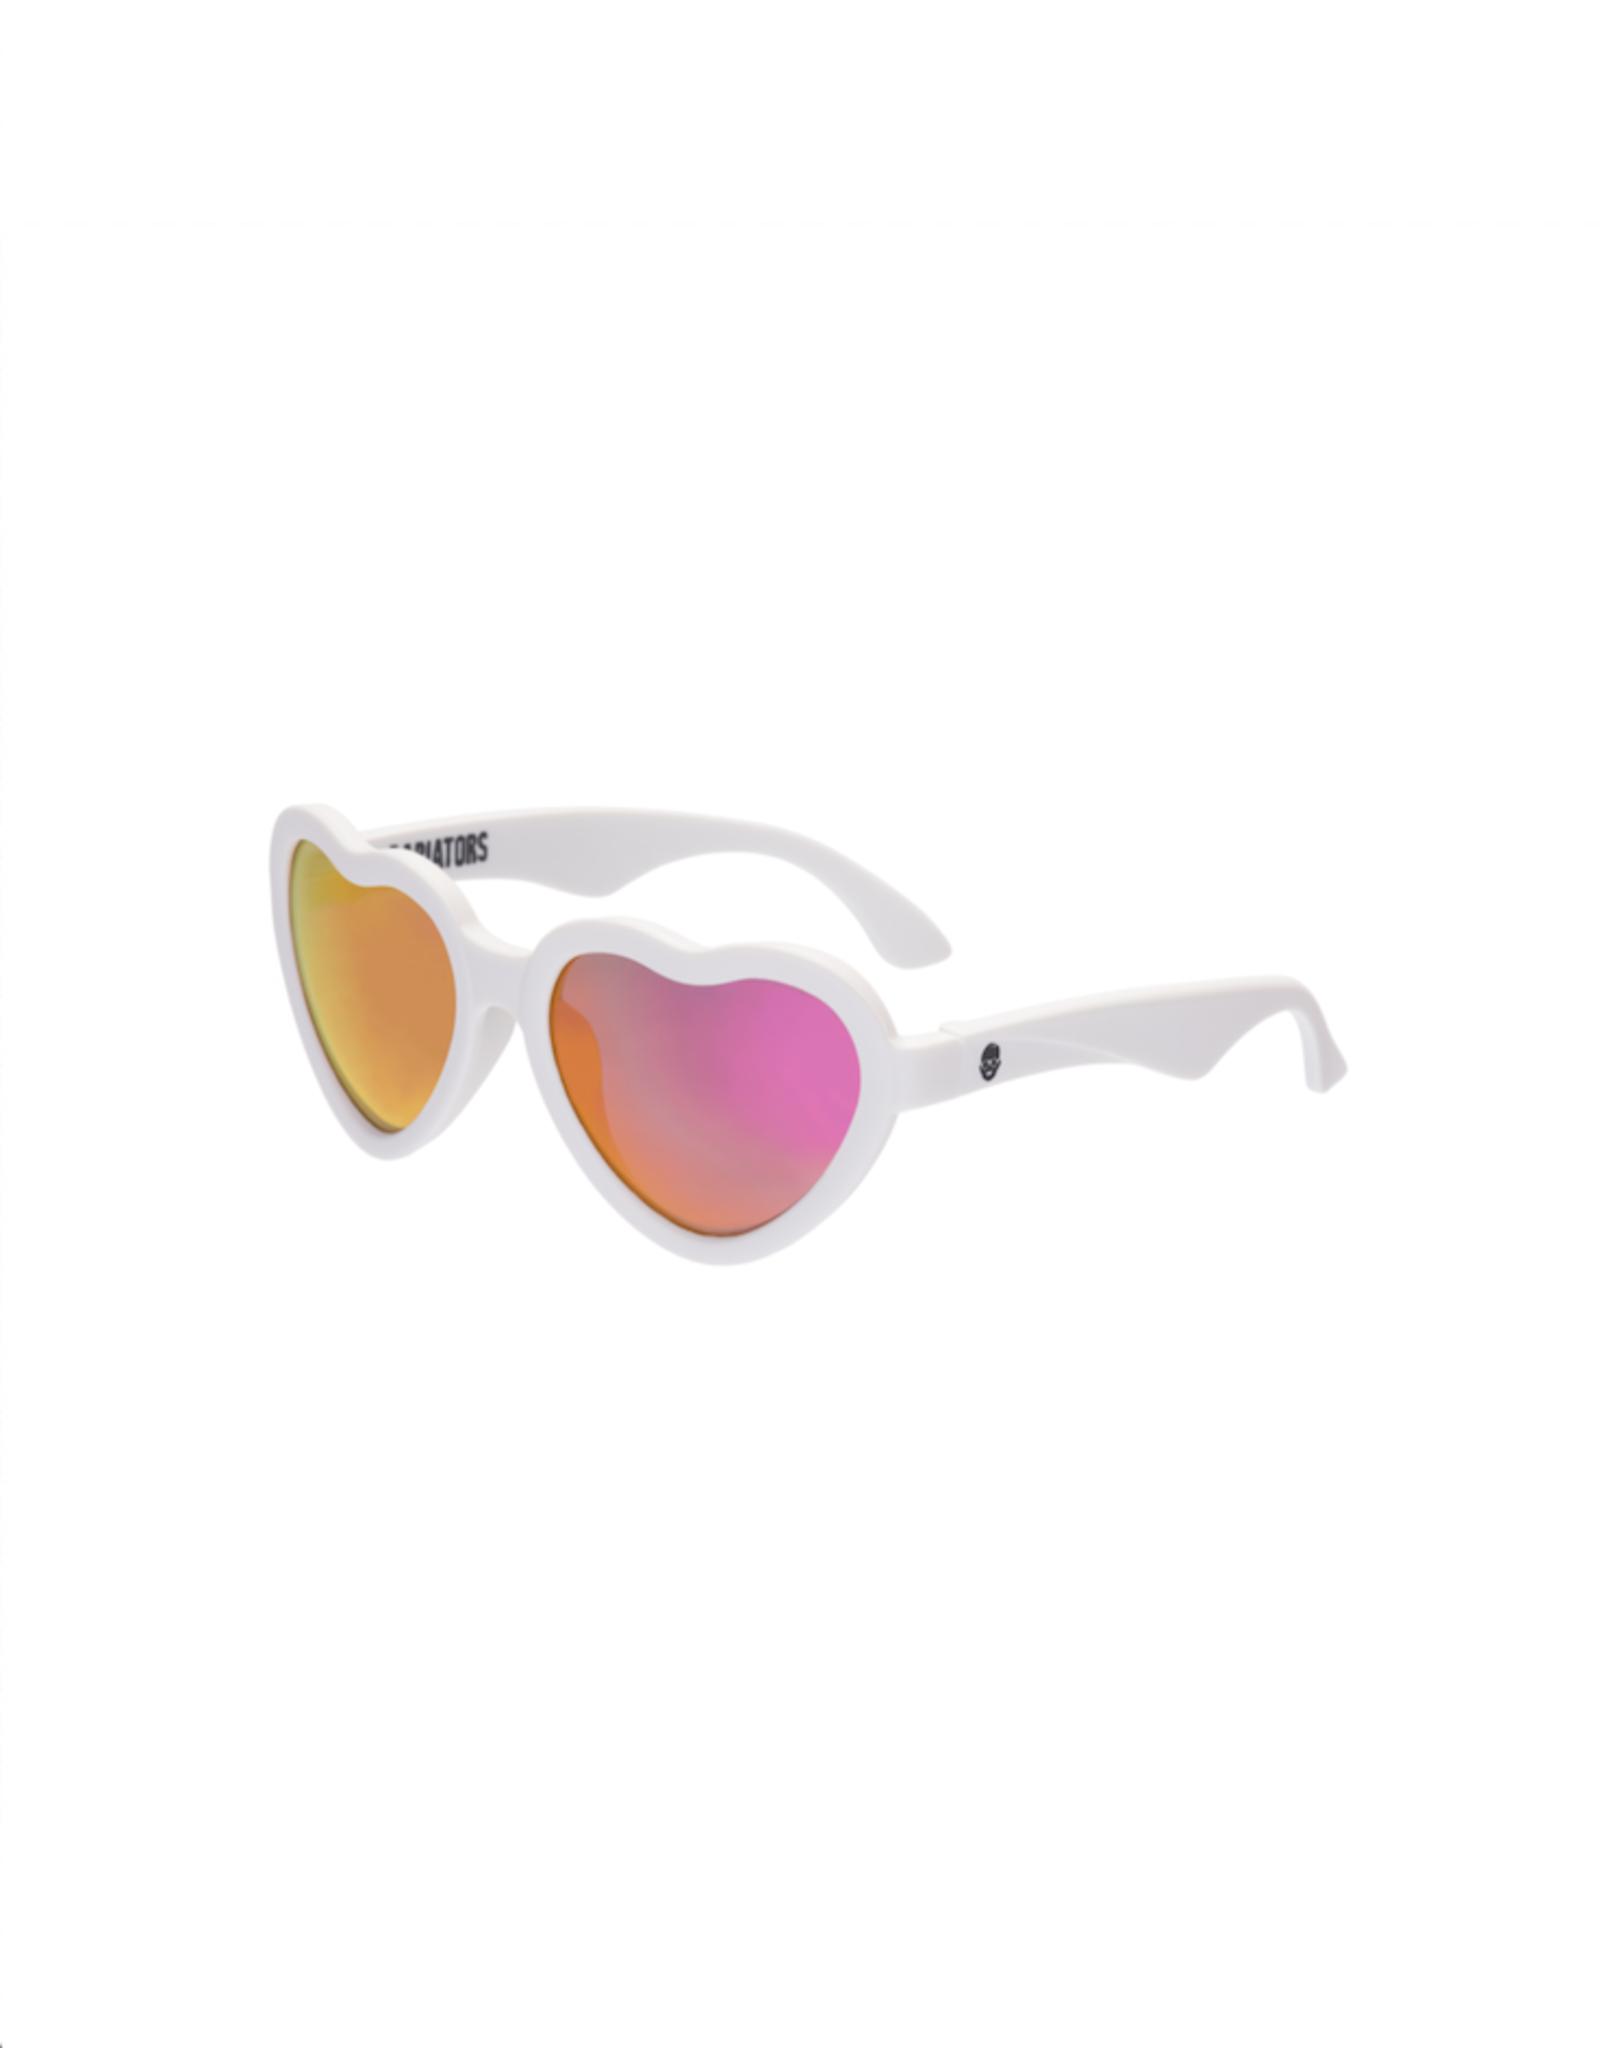 Babiators SweetHeart, Sunglasses